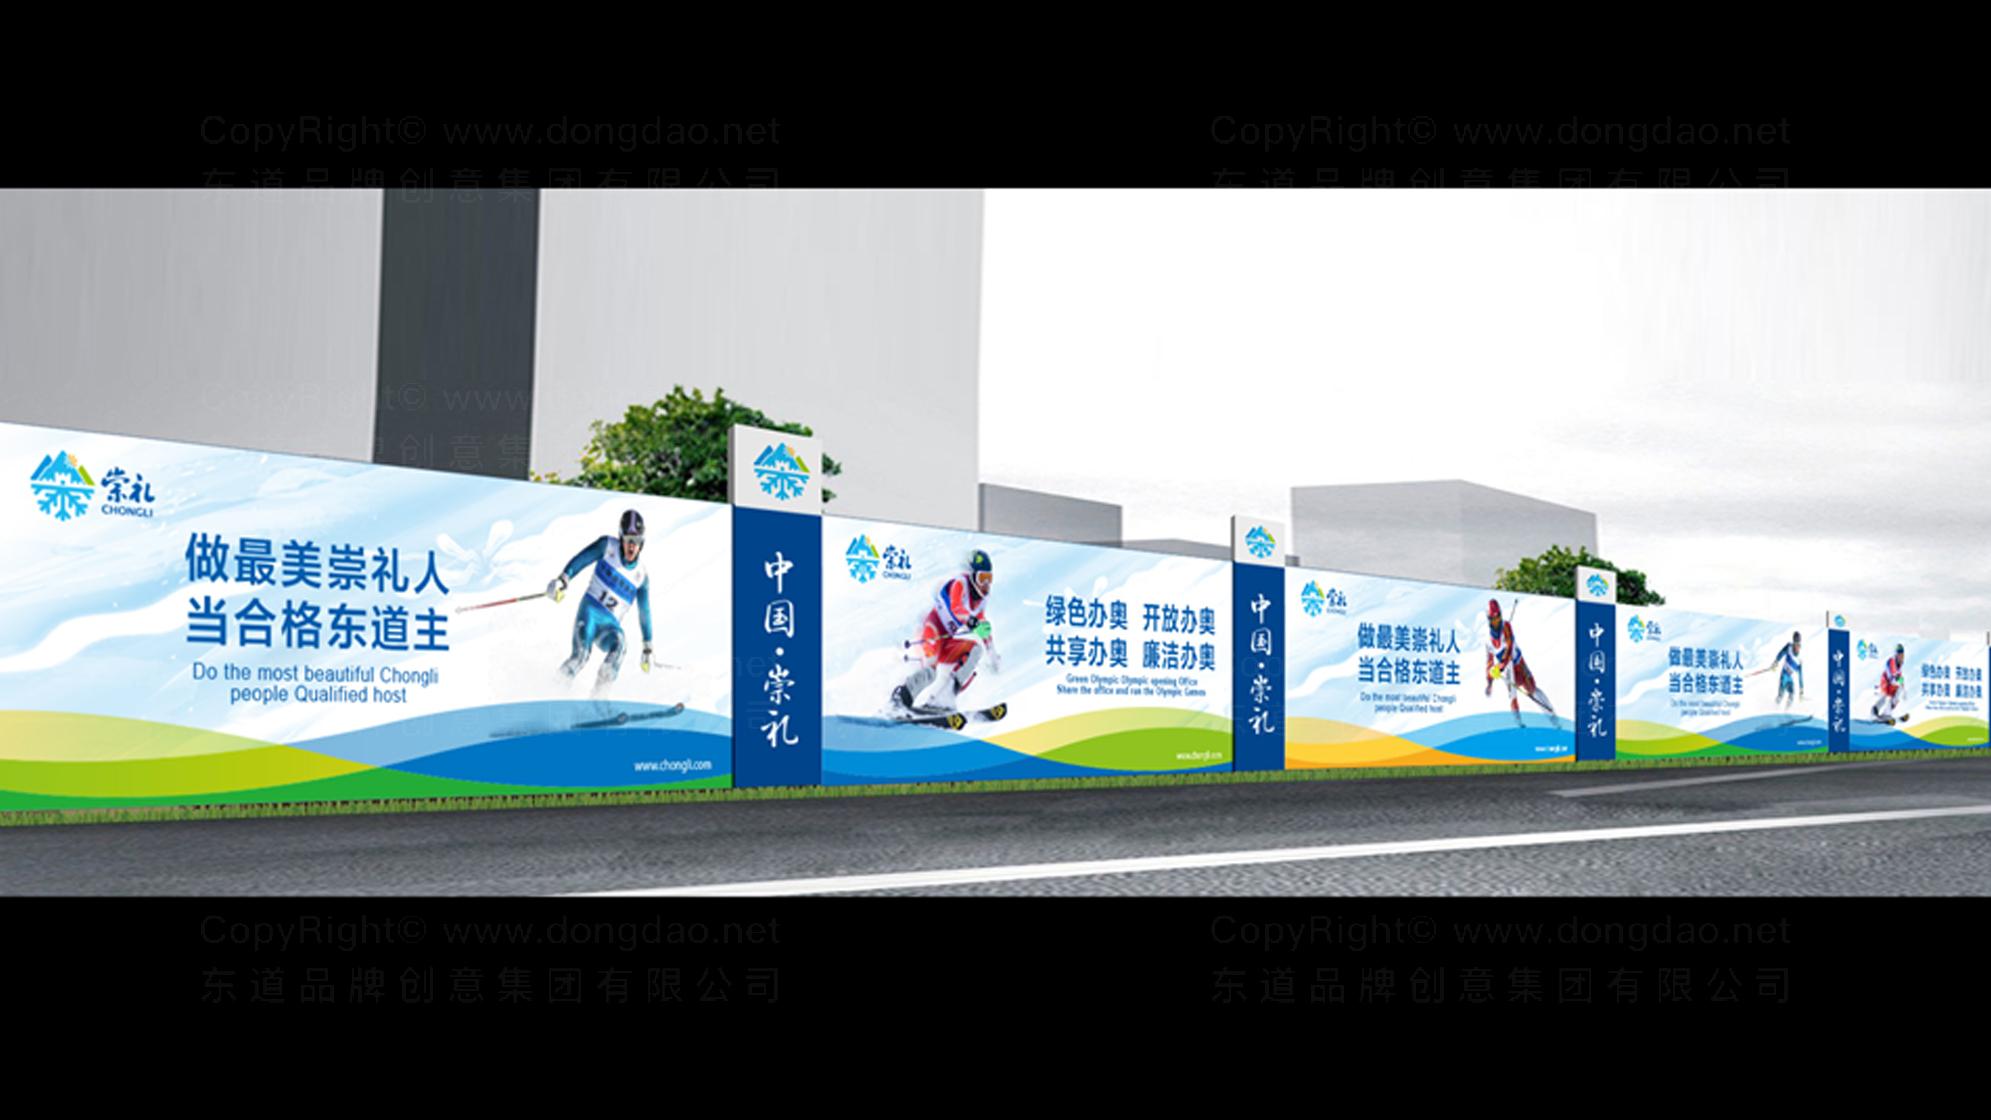 宣传部logo设计应用场景_3